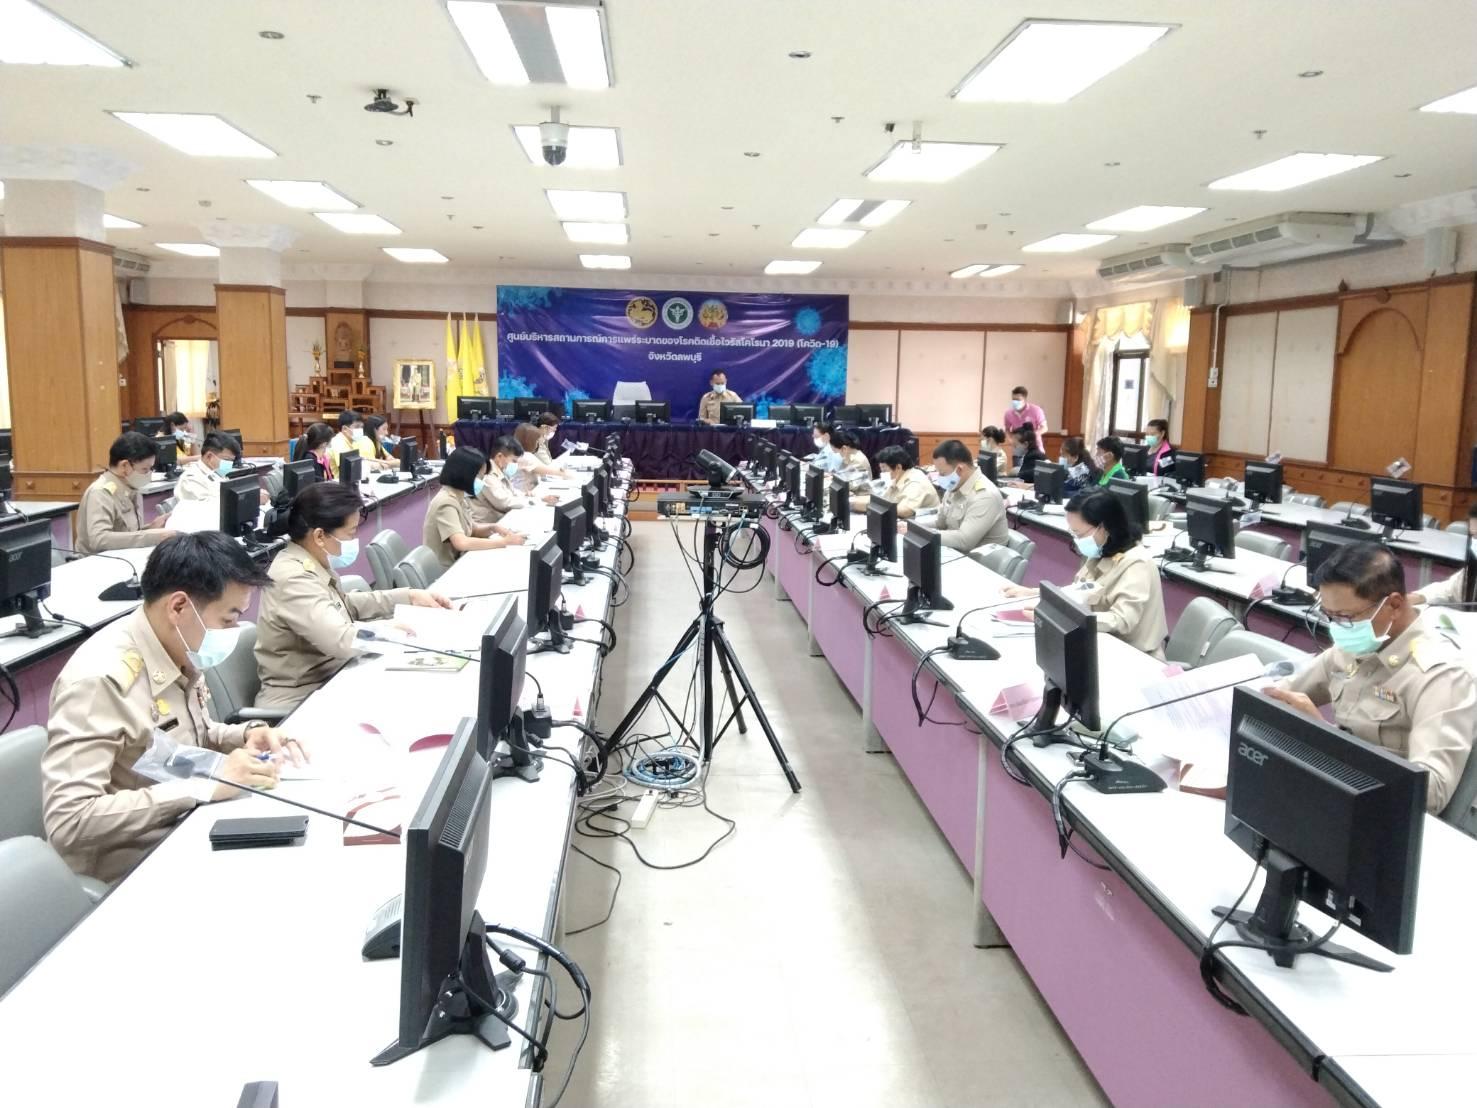 จังหวัดลพบุรี จัดการประชุมคณะอนุกรรมการส่งเสริมและพัฒนาคุณภาพชีวิตคนพิการ ประจำจังหวัดลพบุรี ครั้งที่ 3/2564